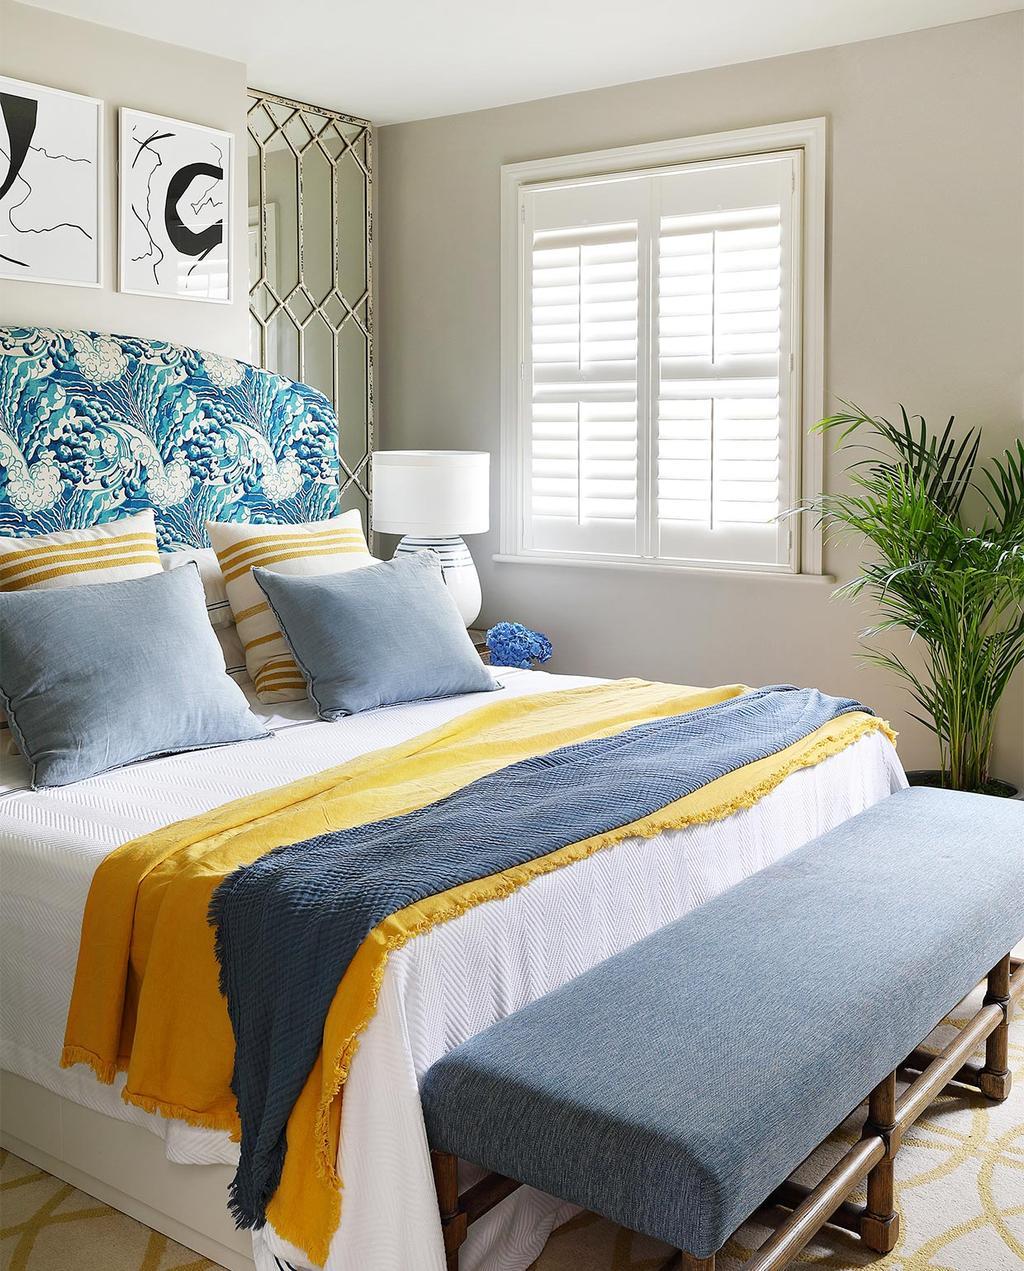 vtwonen casas especiais de verão 07-2021 |  quarto com cama azul e amarela